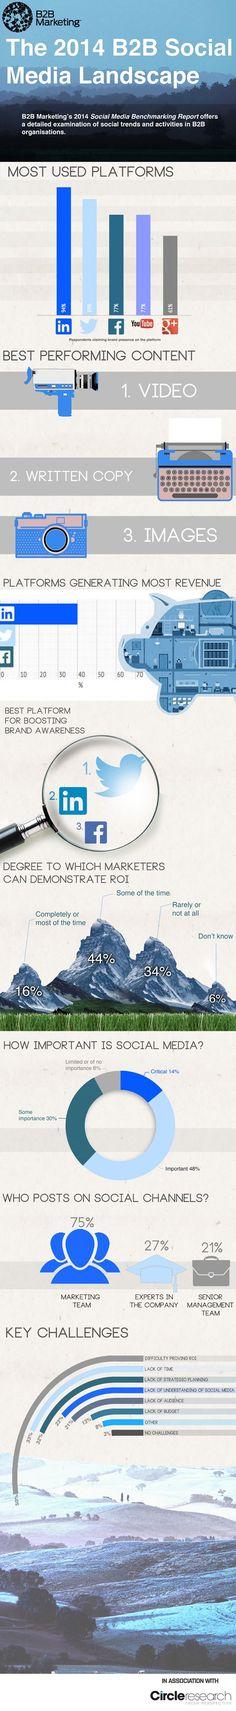 The 2014 B2B Social Media Landscape #Infographic #SpcoalMedia #B2B